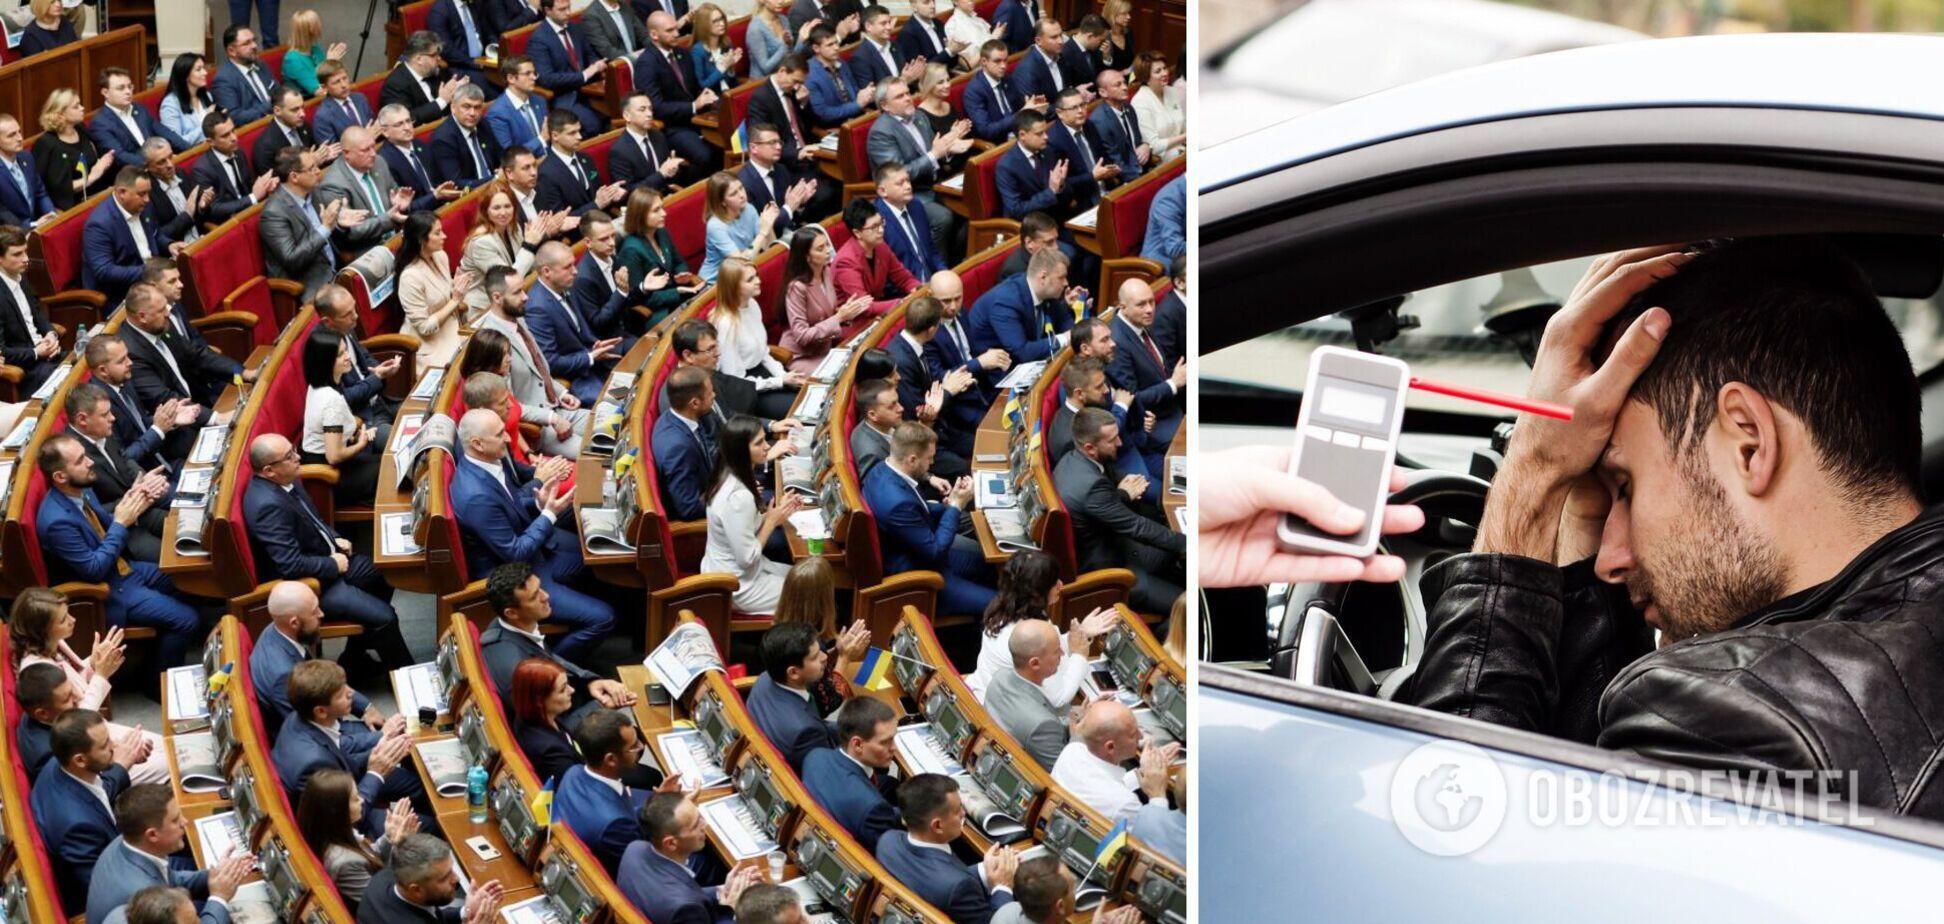 Наказание за пьяное вождение и международная поддержка Крыма: что приняли в Раде 16 февраля